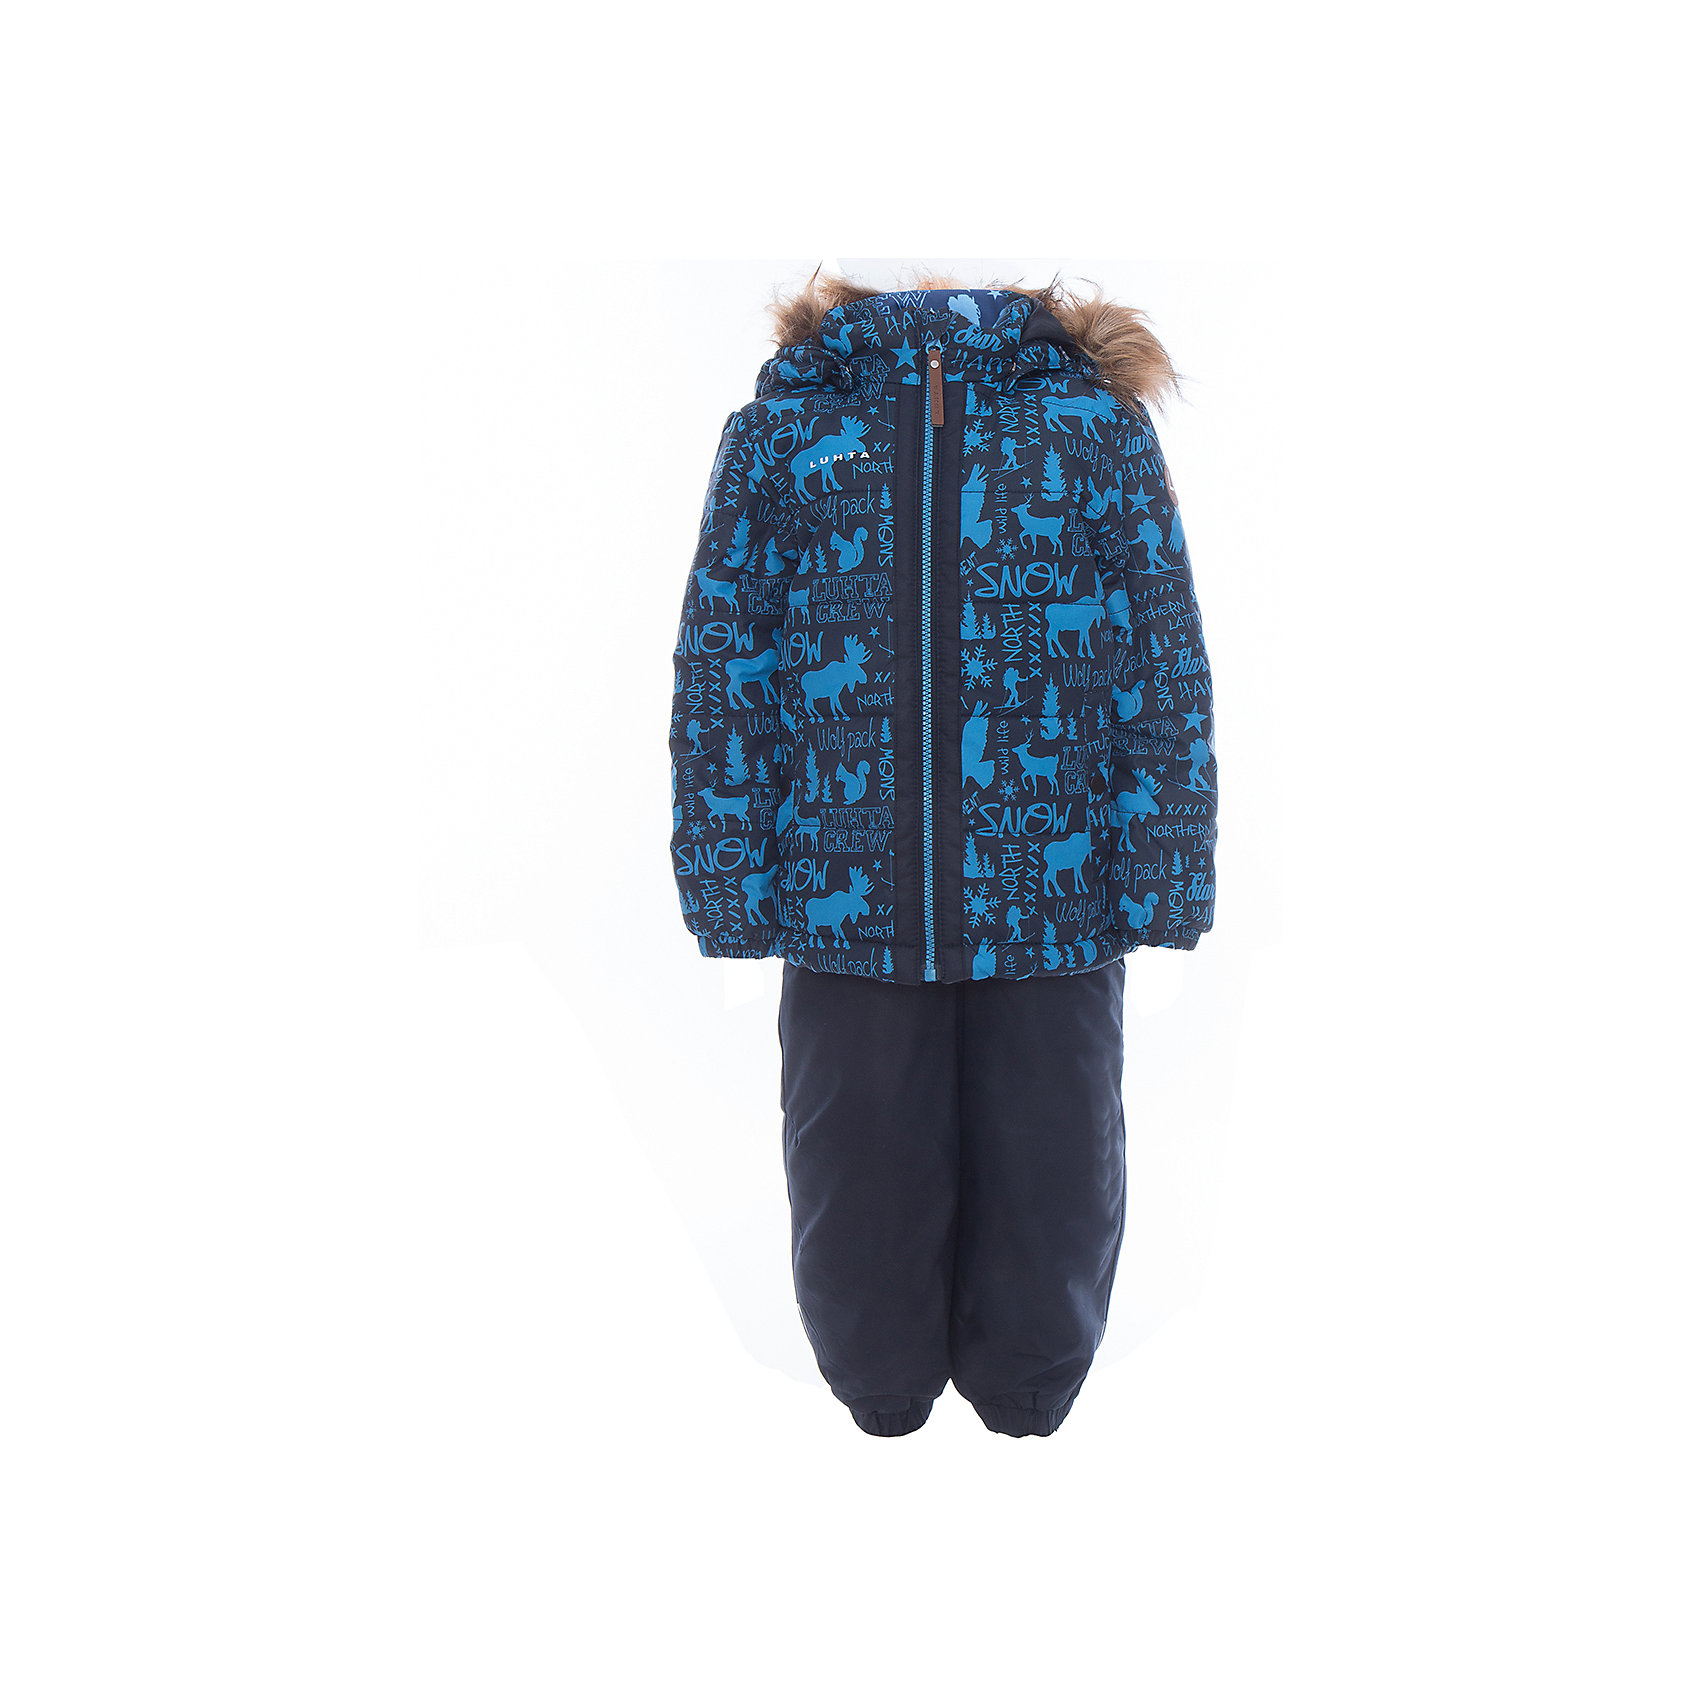 Комплект: куртка и полукомбинезон для мальчика LuhtaКомплект: куртка и полукомбинезон для мальчика от известного бренда Luhta.<br>Куртка с отстегивающимся капюшоном, принт, молния закрыта планкой , эластичная резинка на рукавах и в нижней части куртки, карманы на кнопке <br>Состав:<br>100% полиэстер<br><br>Ширина мм: 356<br>Глубина мм: 10<br>Высота мм: 245<br>Вес г: 519<br>Цвет: синий<br>Возраст от месяцев: 24<br>Возраст до месяцев: 36<br>Пол: Женский<br>Возраст: Детский<br>Размер: 98,104,110,116,122,128,92<br>SKU: 5414056